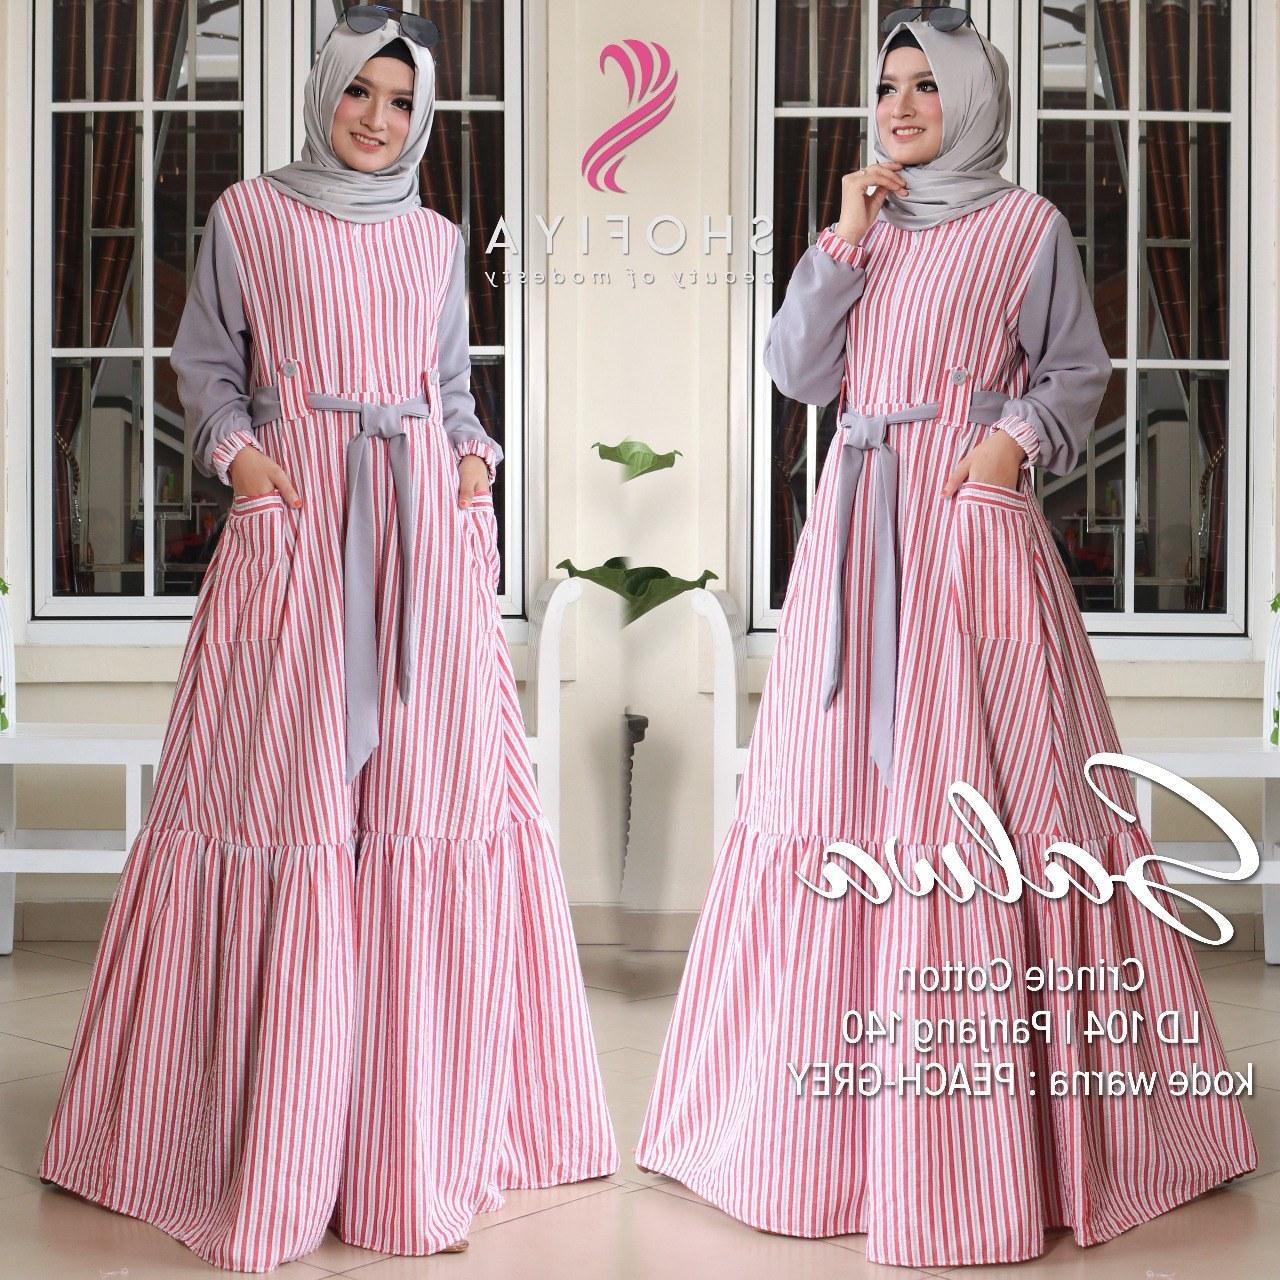 Inspirasi Model Baju Lebaran Gamis U3dh Model Baju Gamis Terbaru Lebaran Gambar islami